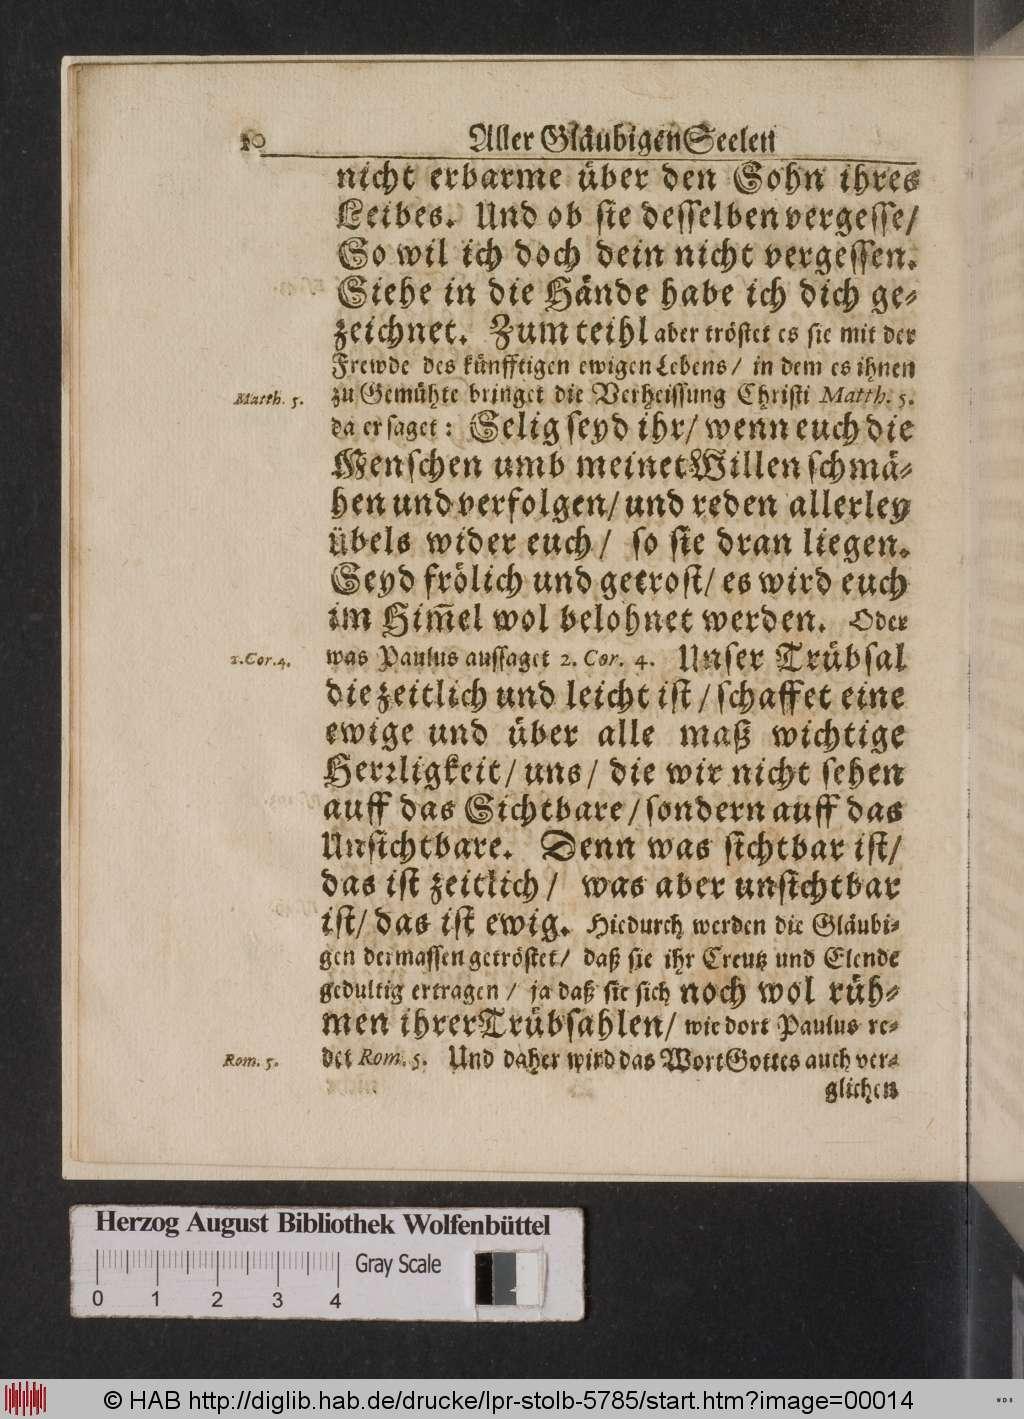 http://diglib.hab.de/drucke/lpr-stolb-5785/00014.jpg